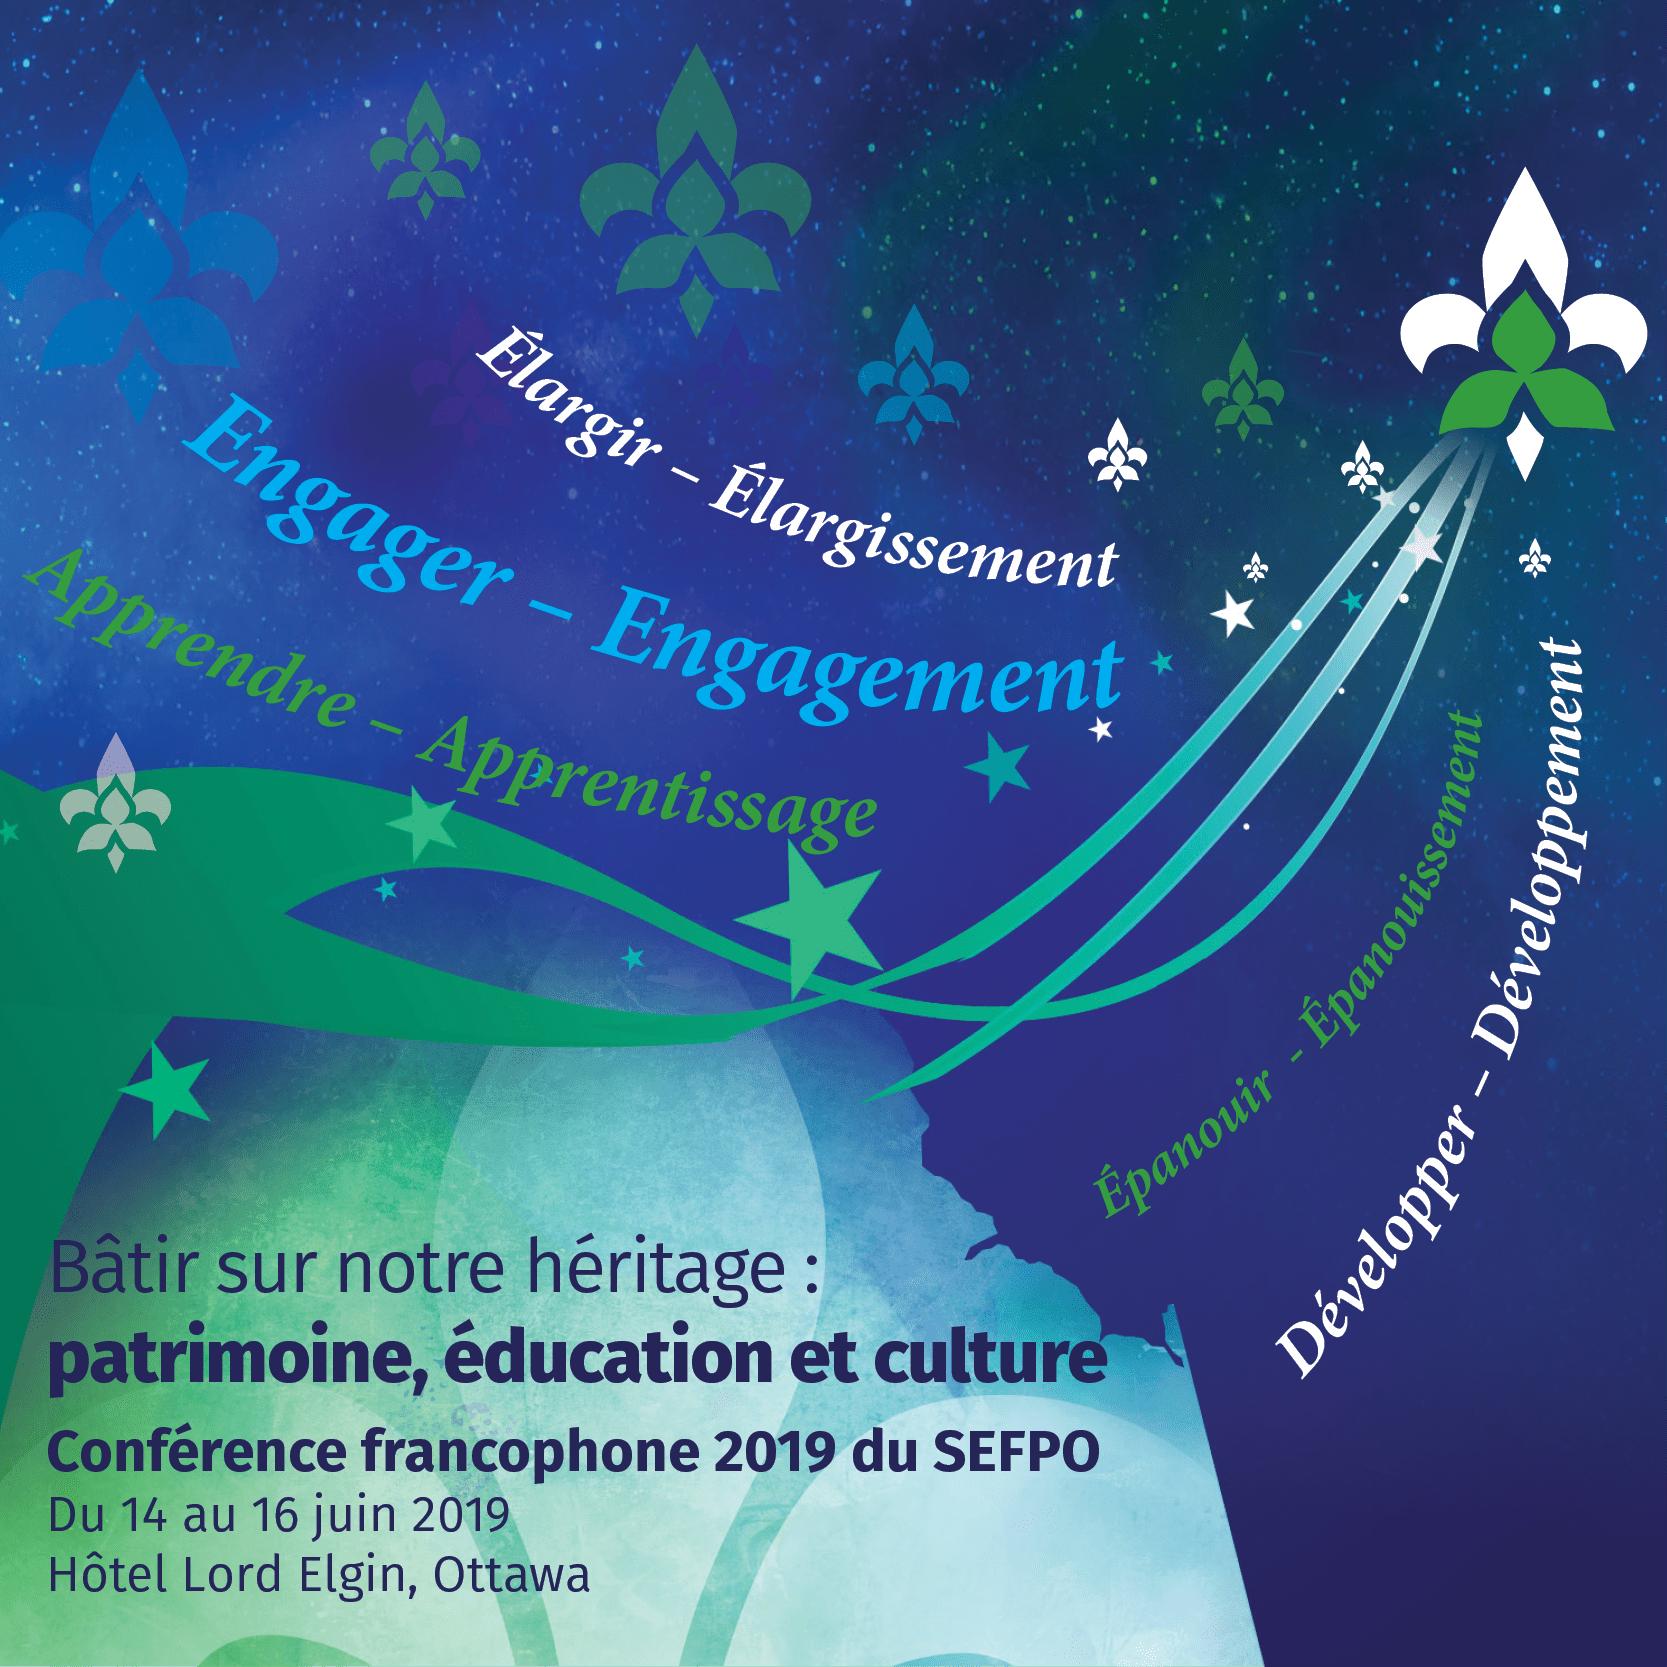 Conference francophone 2019 du SEFPO. Du 14 au 16 juin 2019, Hotel Lord Elgin, Ottawa